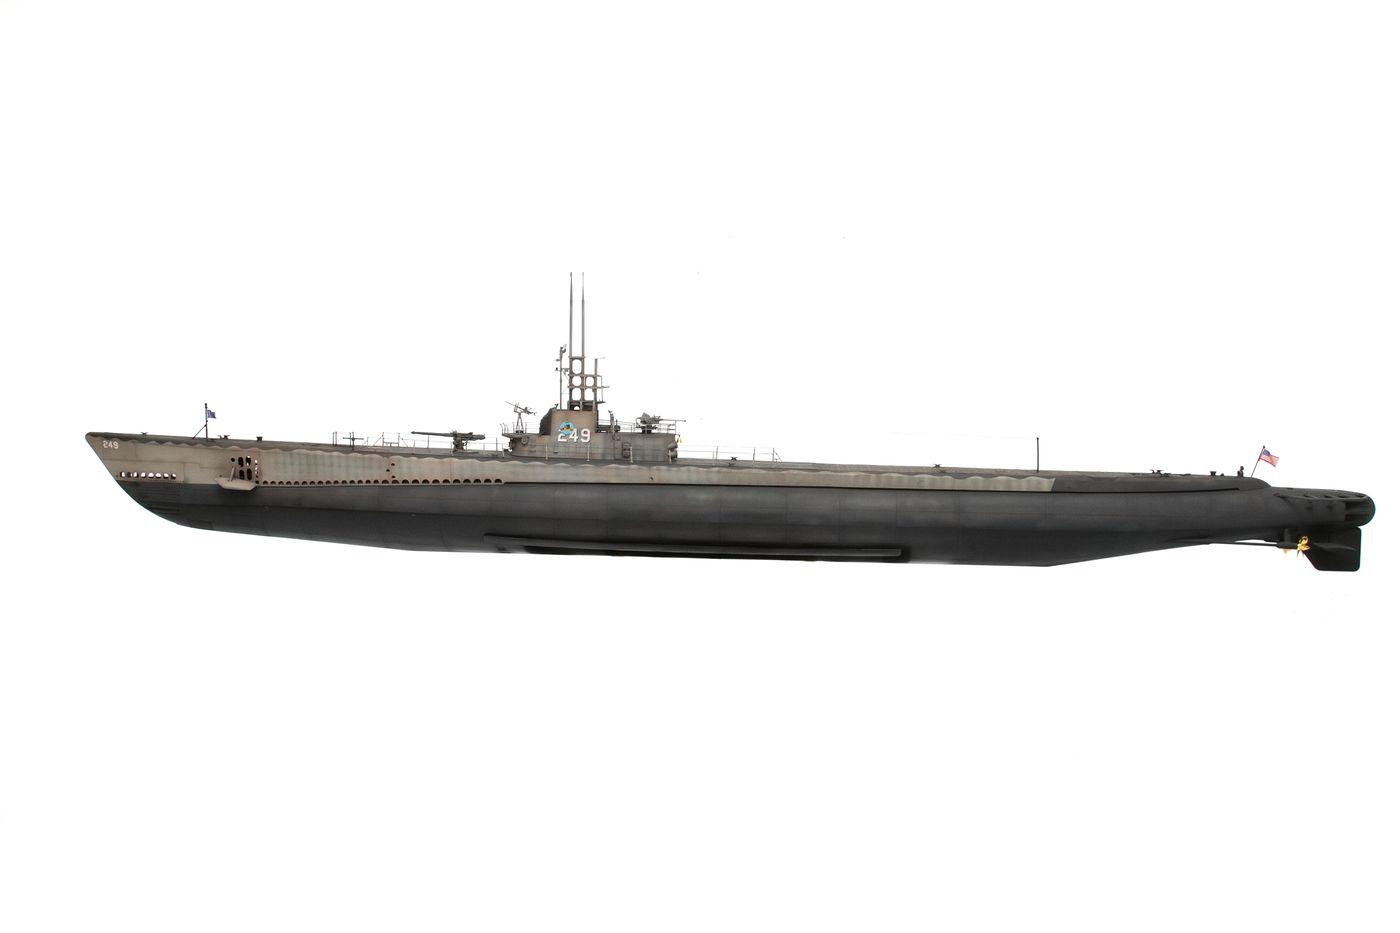 подводные лодки типа гато сша